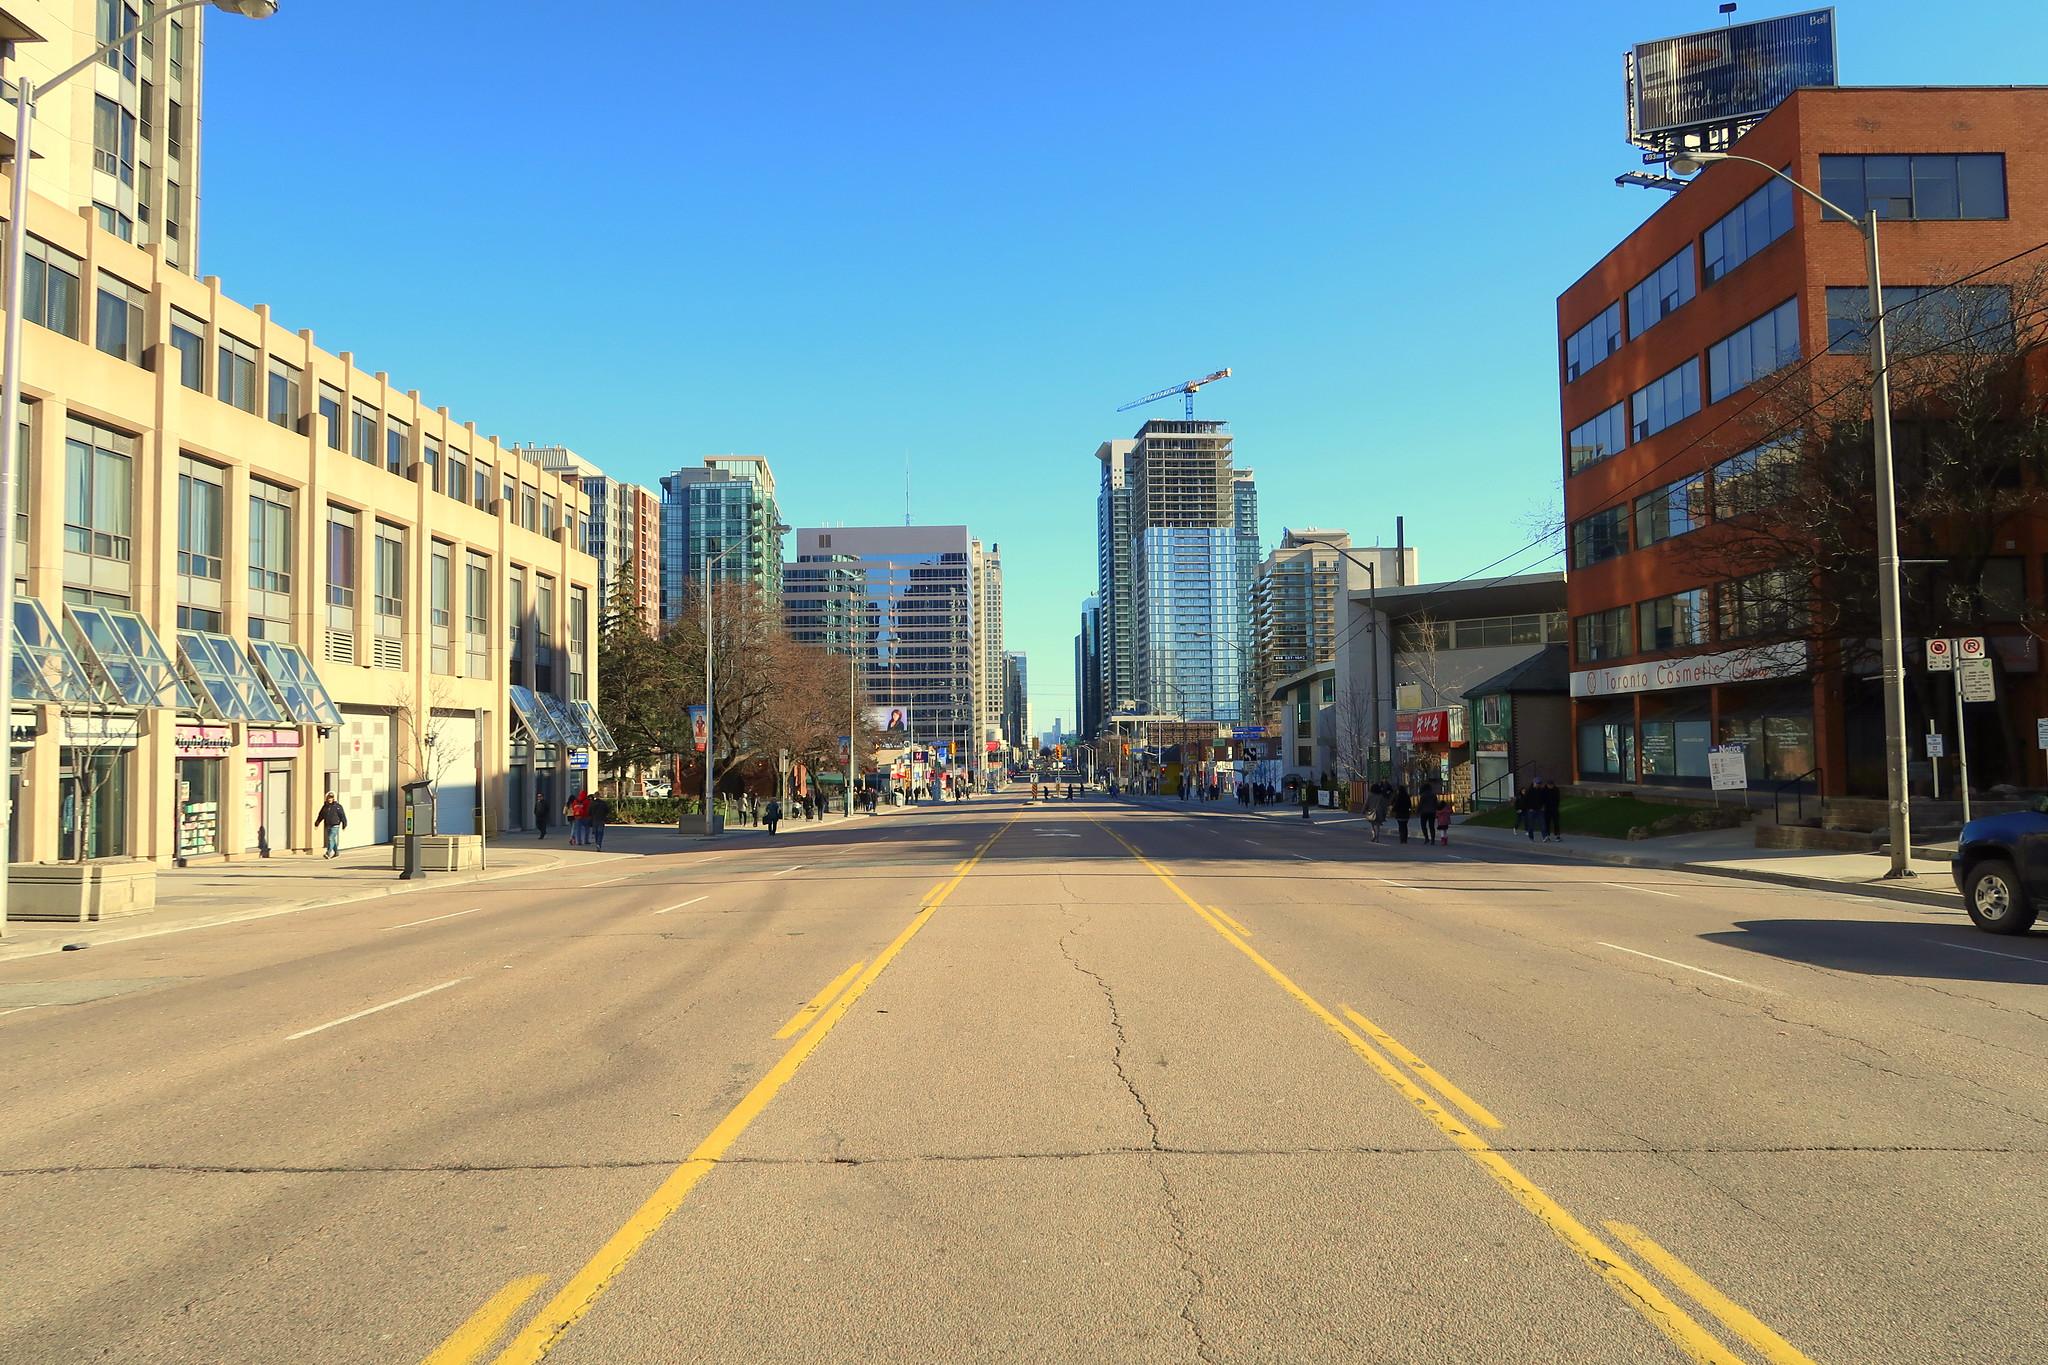 Site of Toronto Van Attack